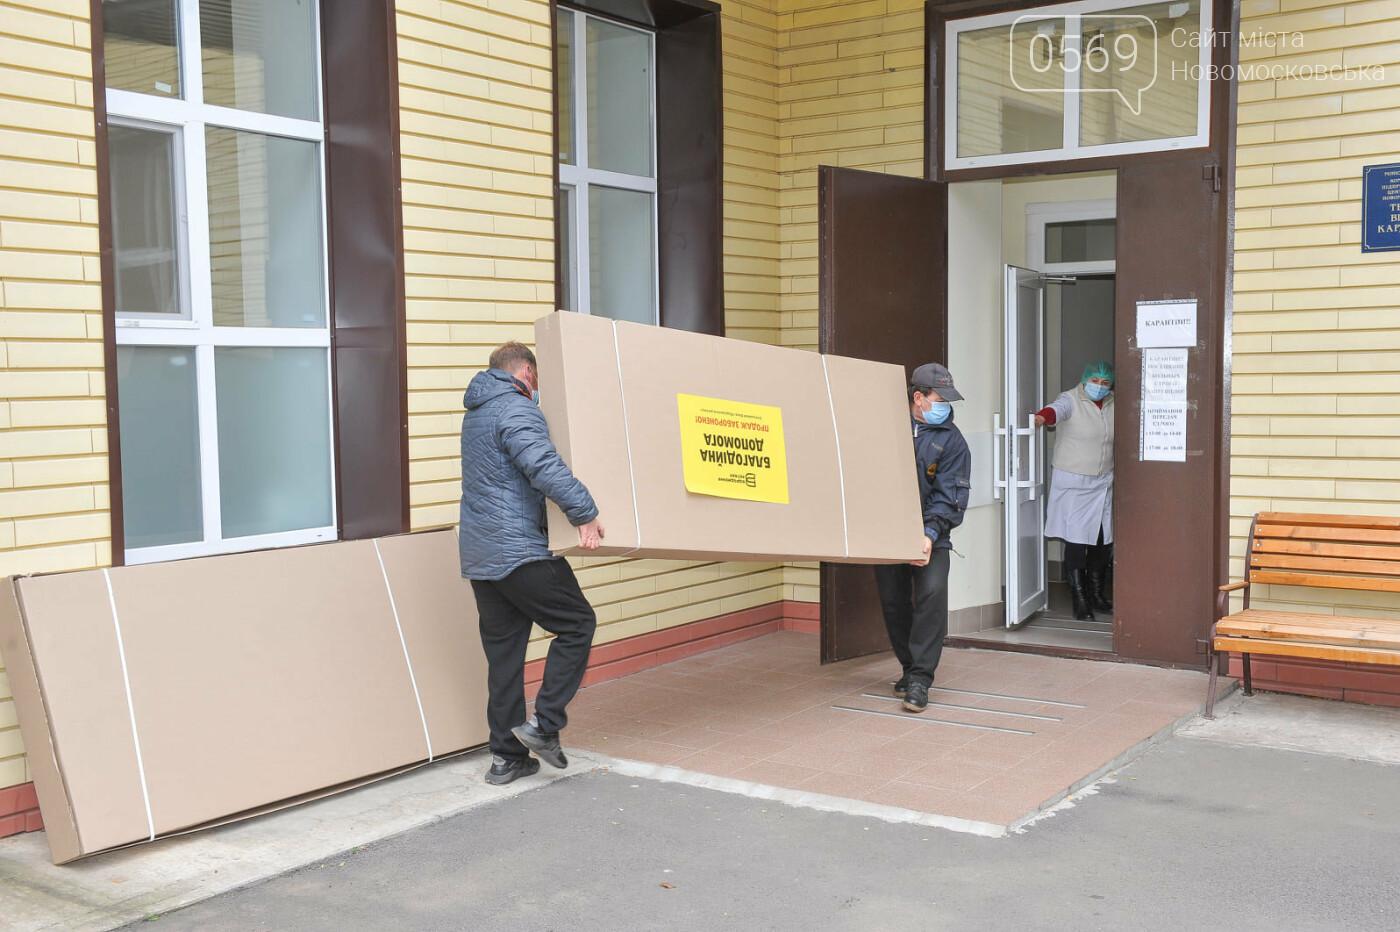 Новомосковська міська лікарня отримала благодійну допомогу від ІНТЕРПАЙП, фото-2